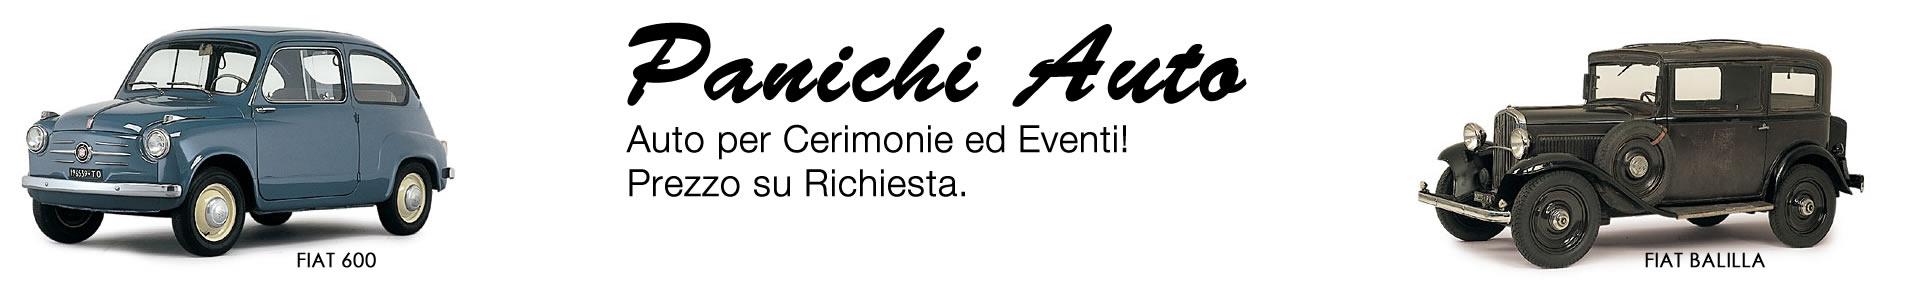 Panichi Auto Noleggio per Cerimonie Cortona